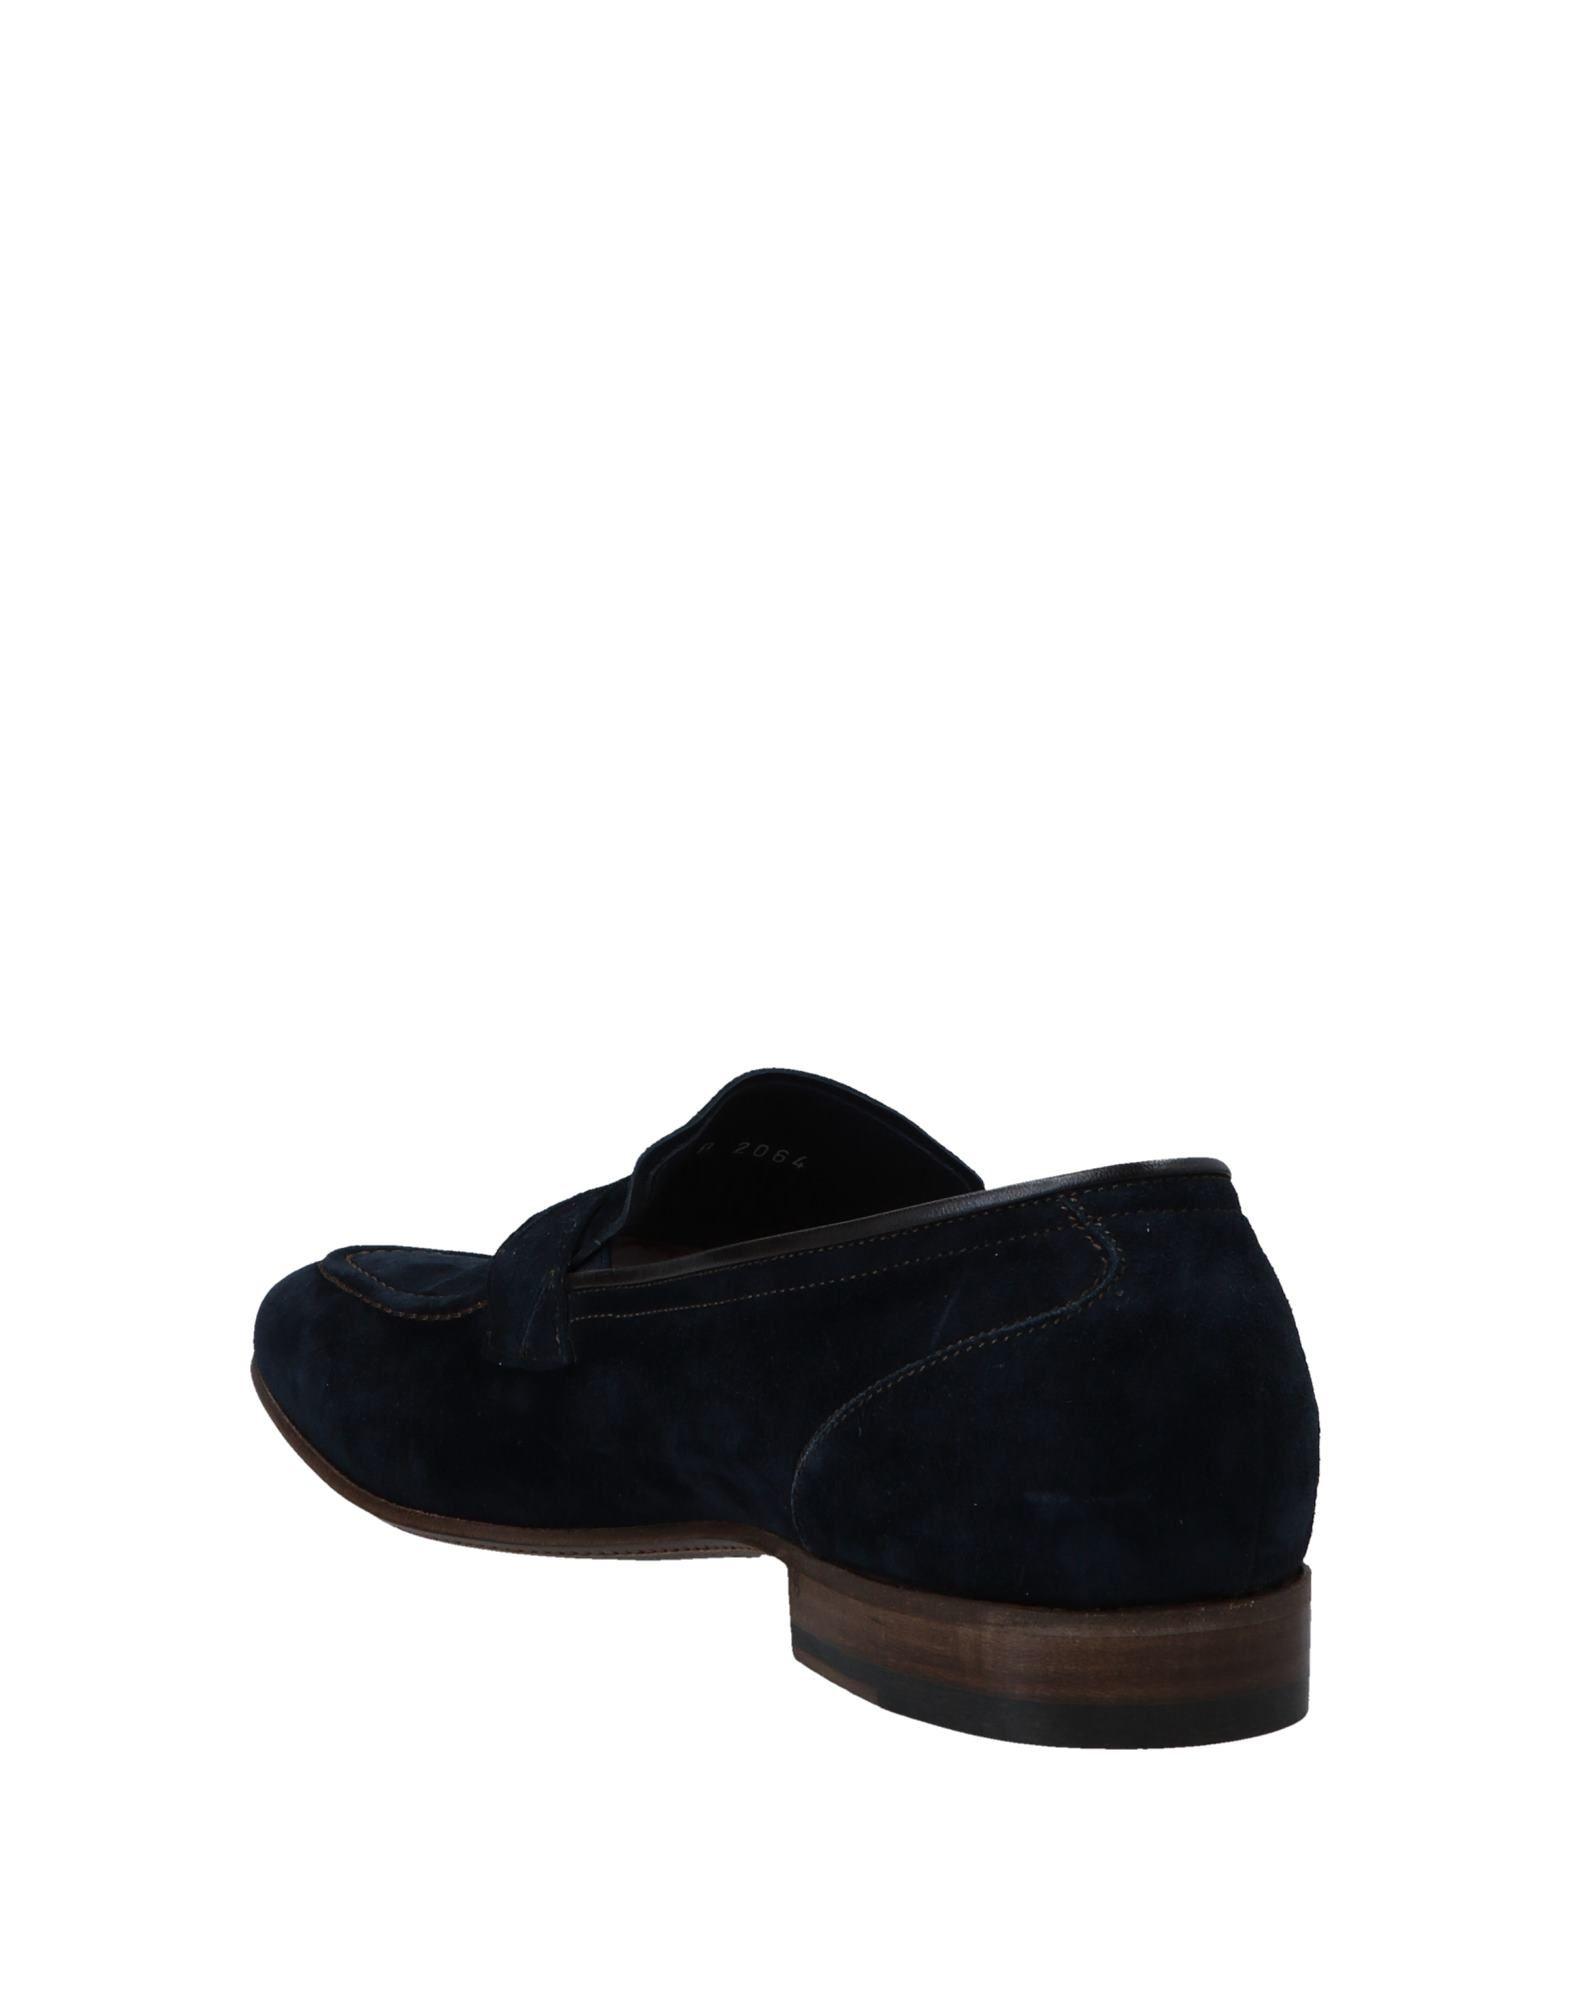 Rabatt echte Schuhe Herren Barracuda Mokassins Herren Schuhe  11547815AT 58013a